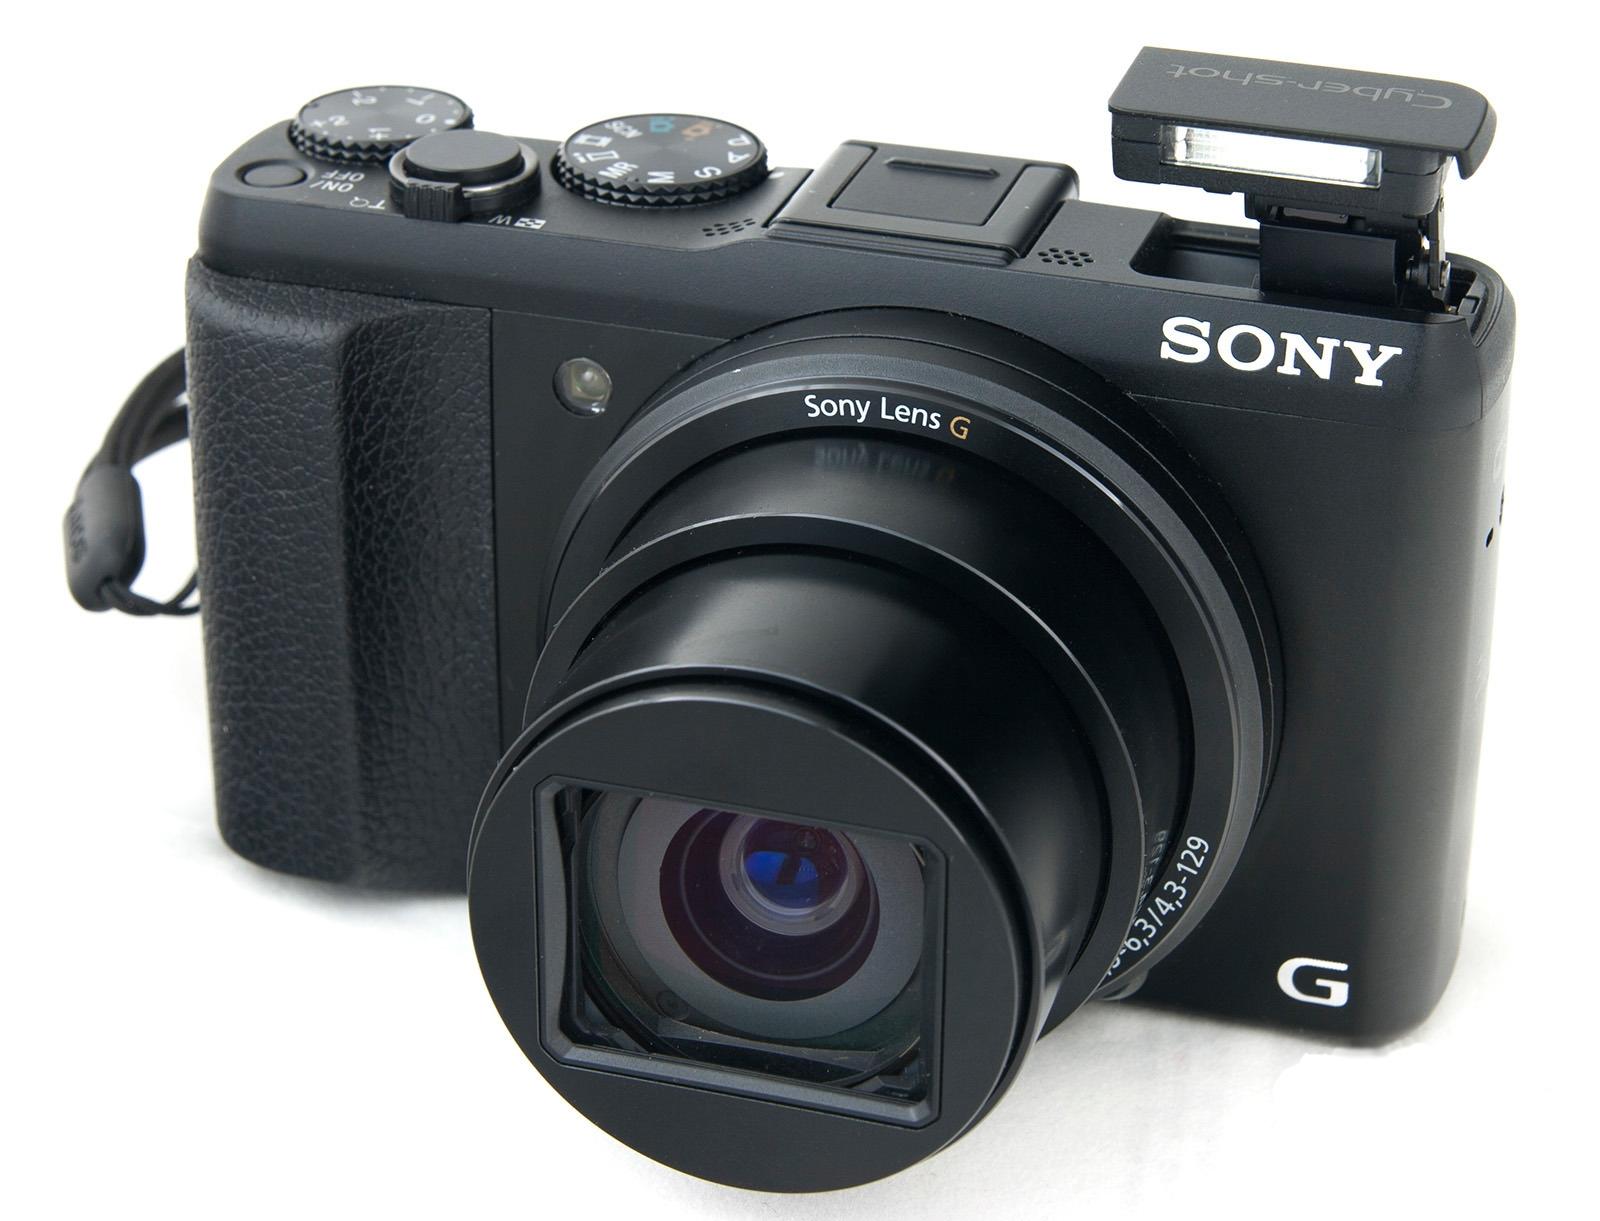 Компания SONY выпустила в продажу компактную камеру Cyber-shot DSC-HX50. Благодаря свойствам компакт можно назвать «подзорная труба в кармане»